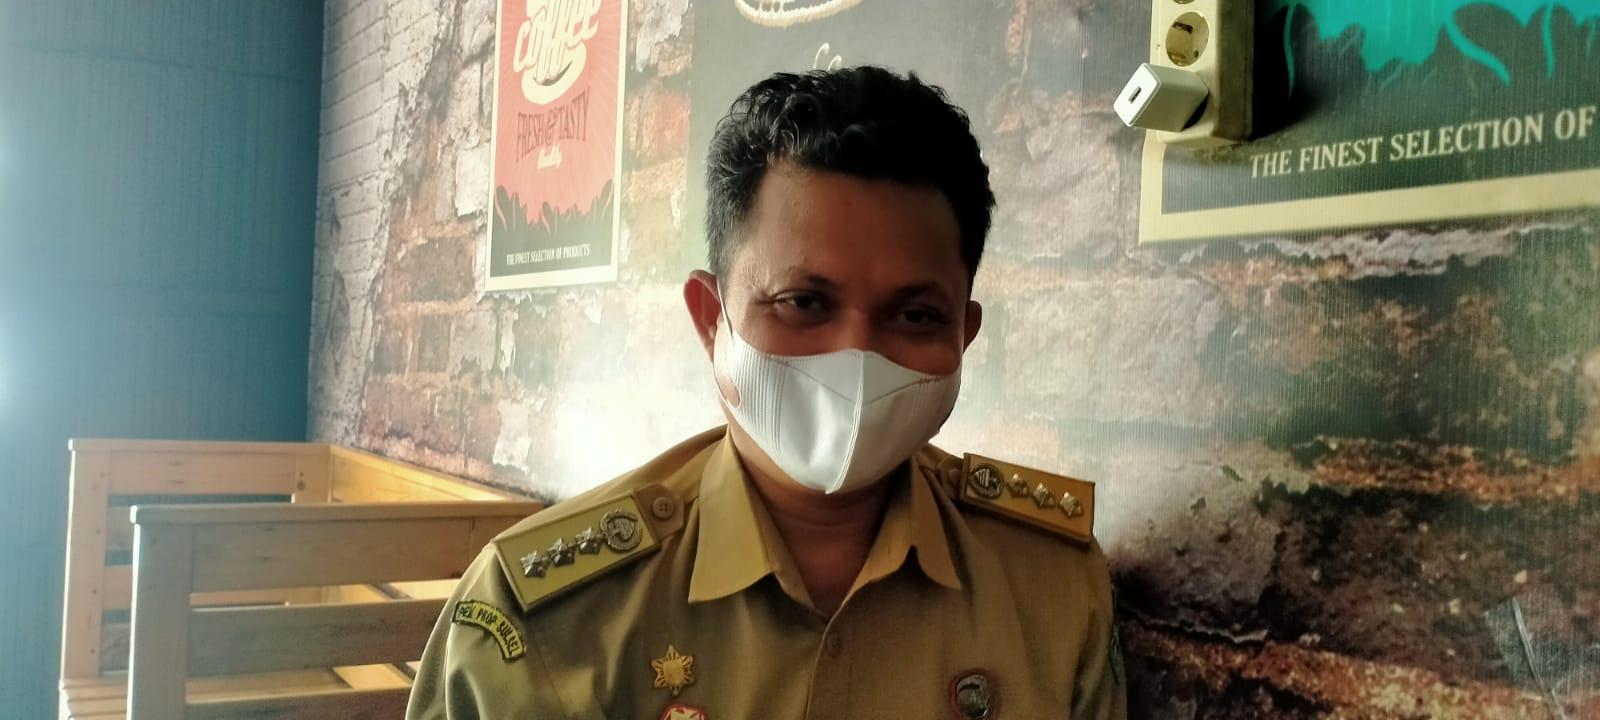 Jelang Pilkades Serentak, Camat Tomoni Minta Warga Jaga Silaturahim